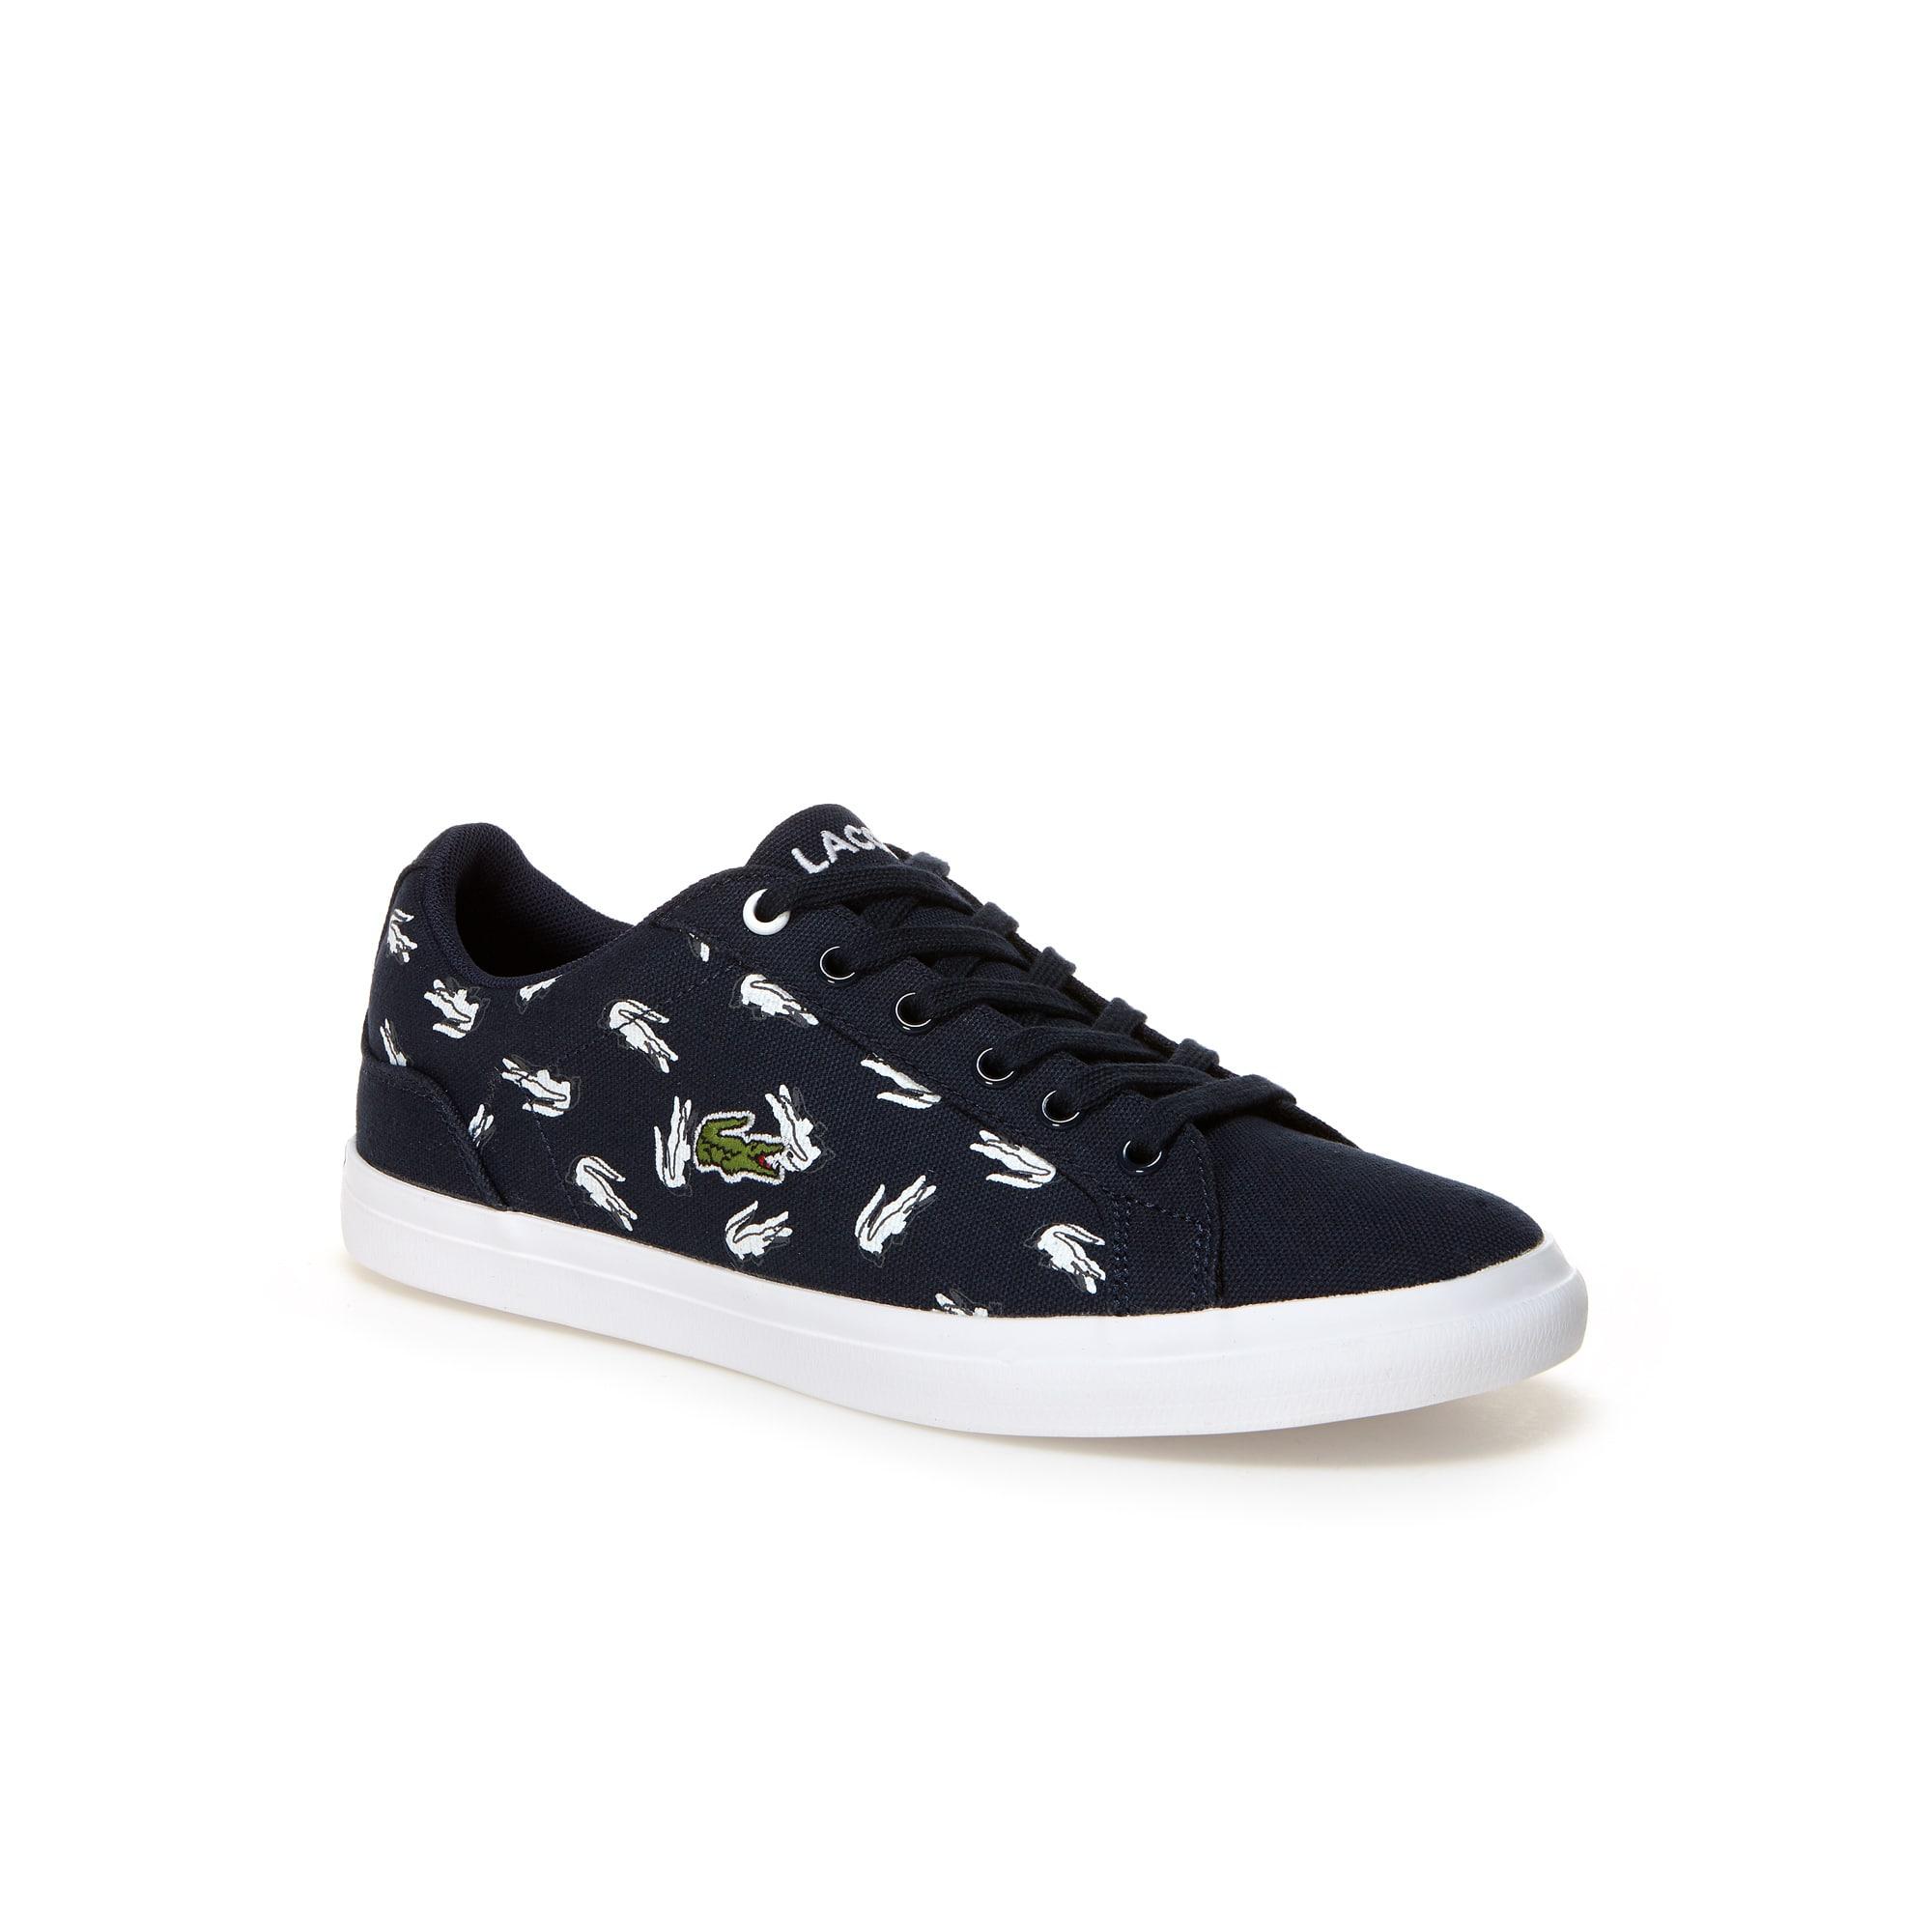 Sneakers Lerond kids' in tessuto